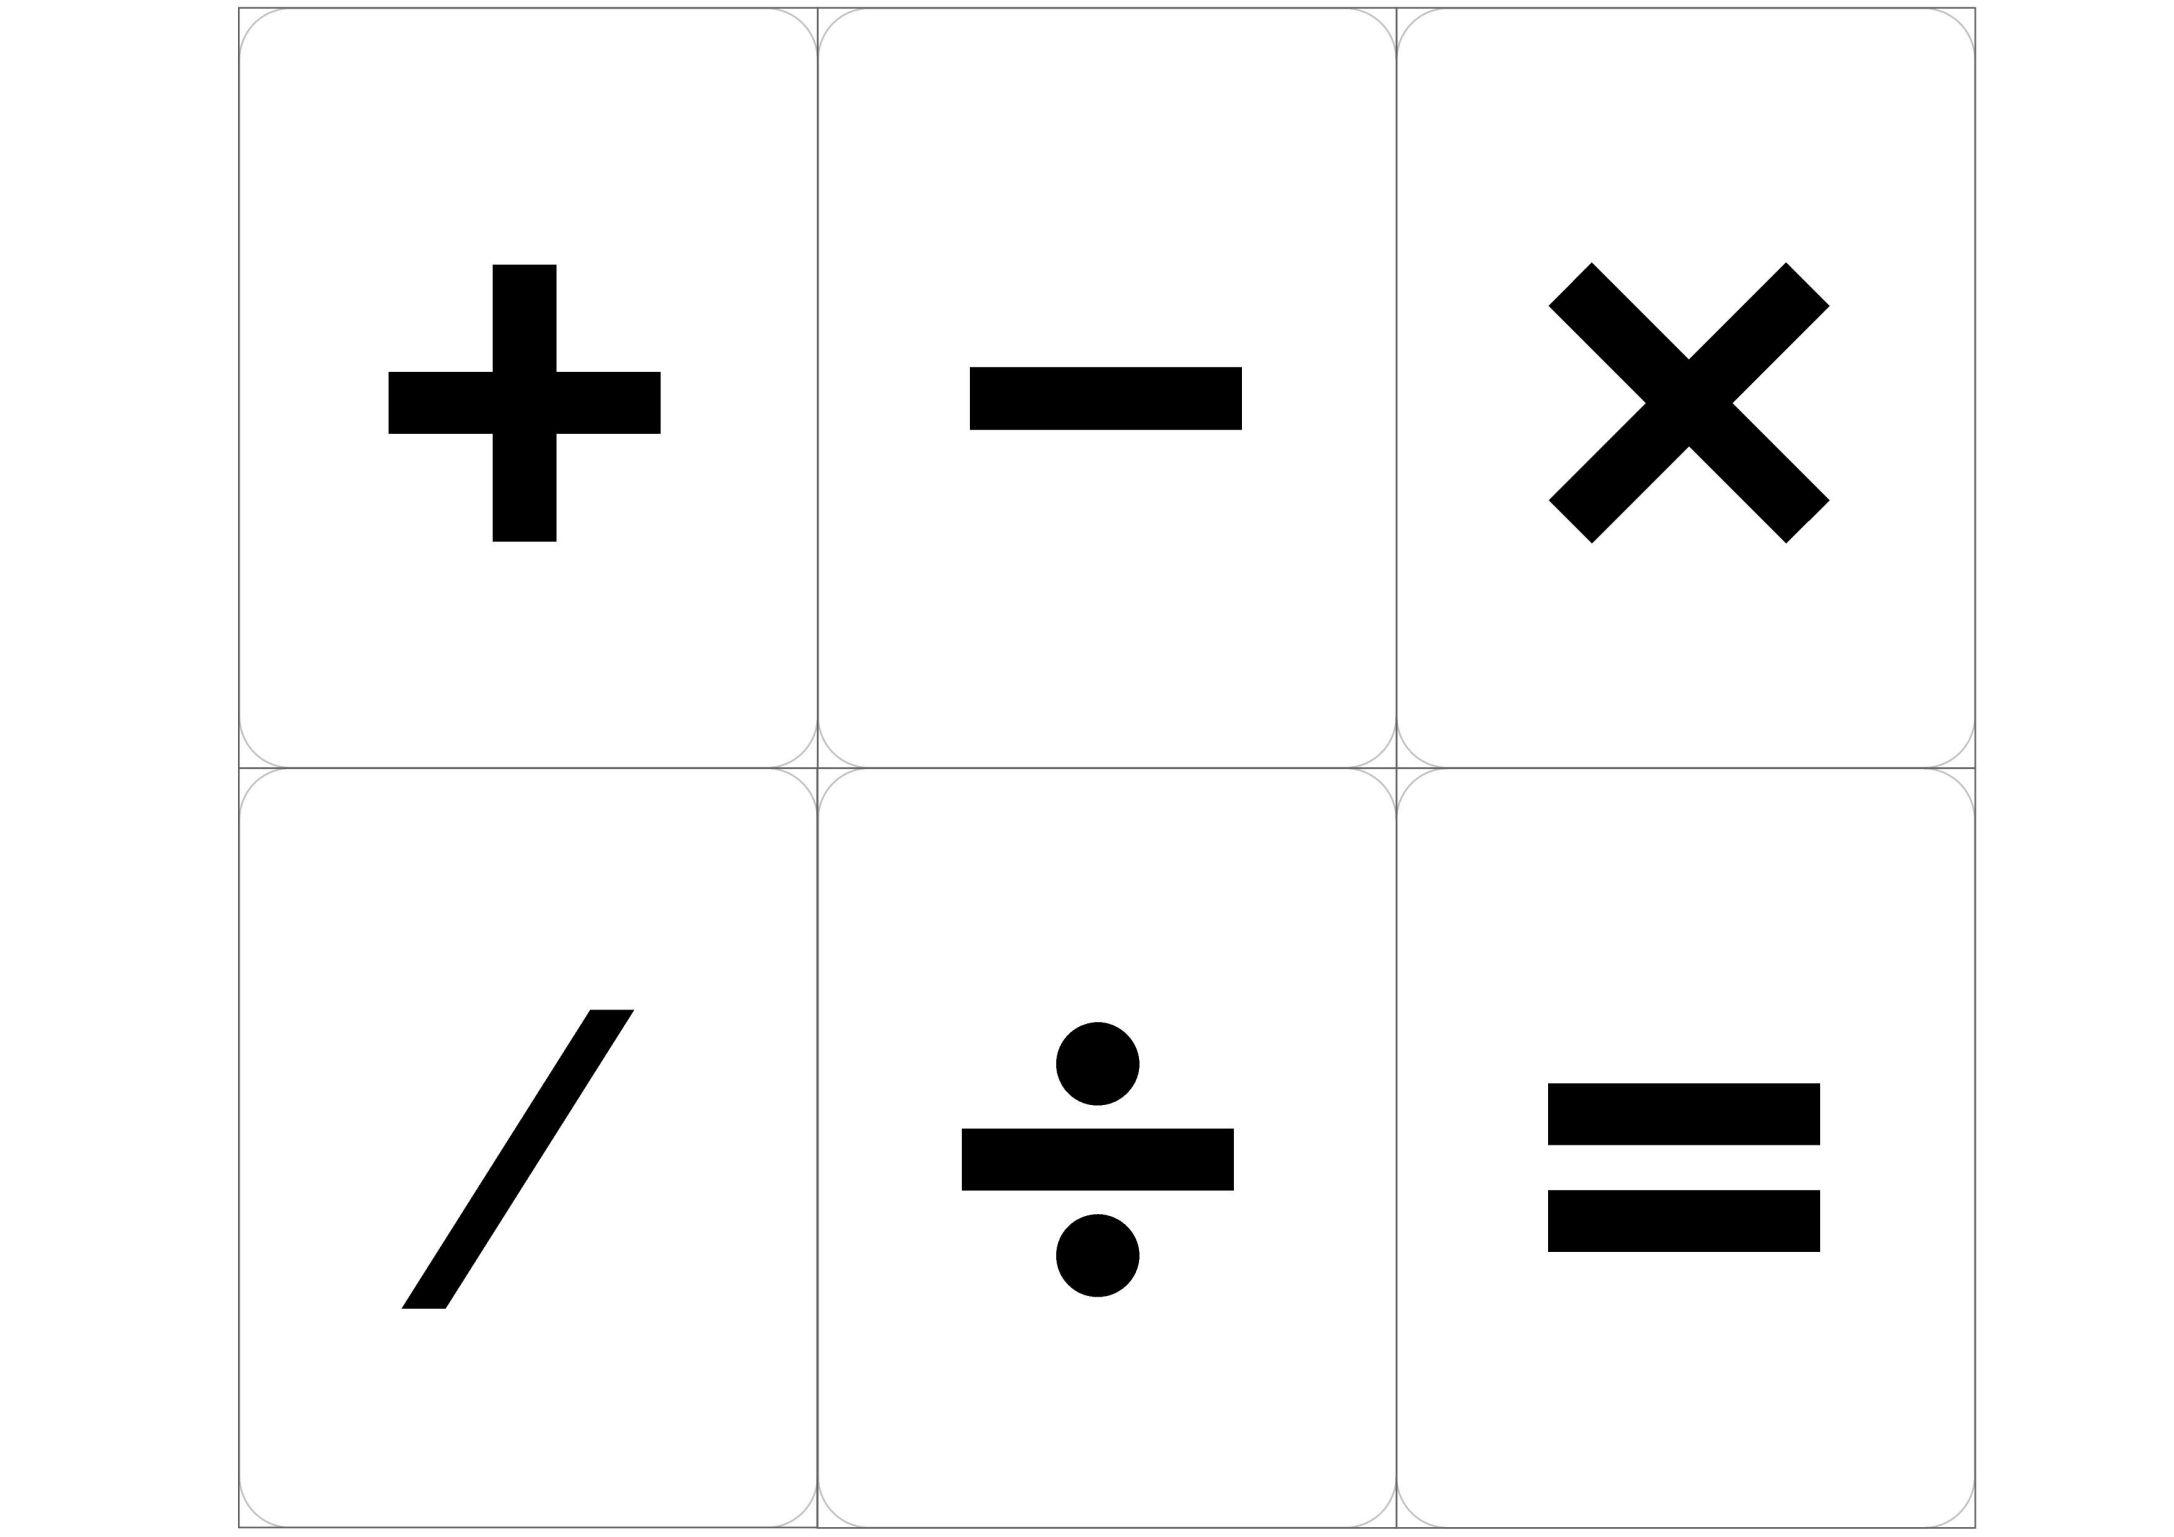 Все математические знаки и символы картинки для детей